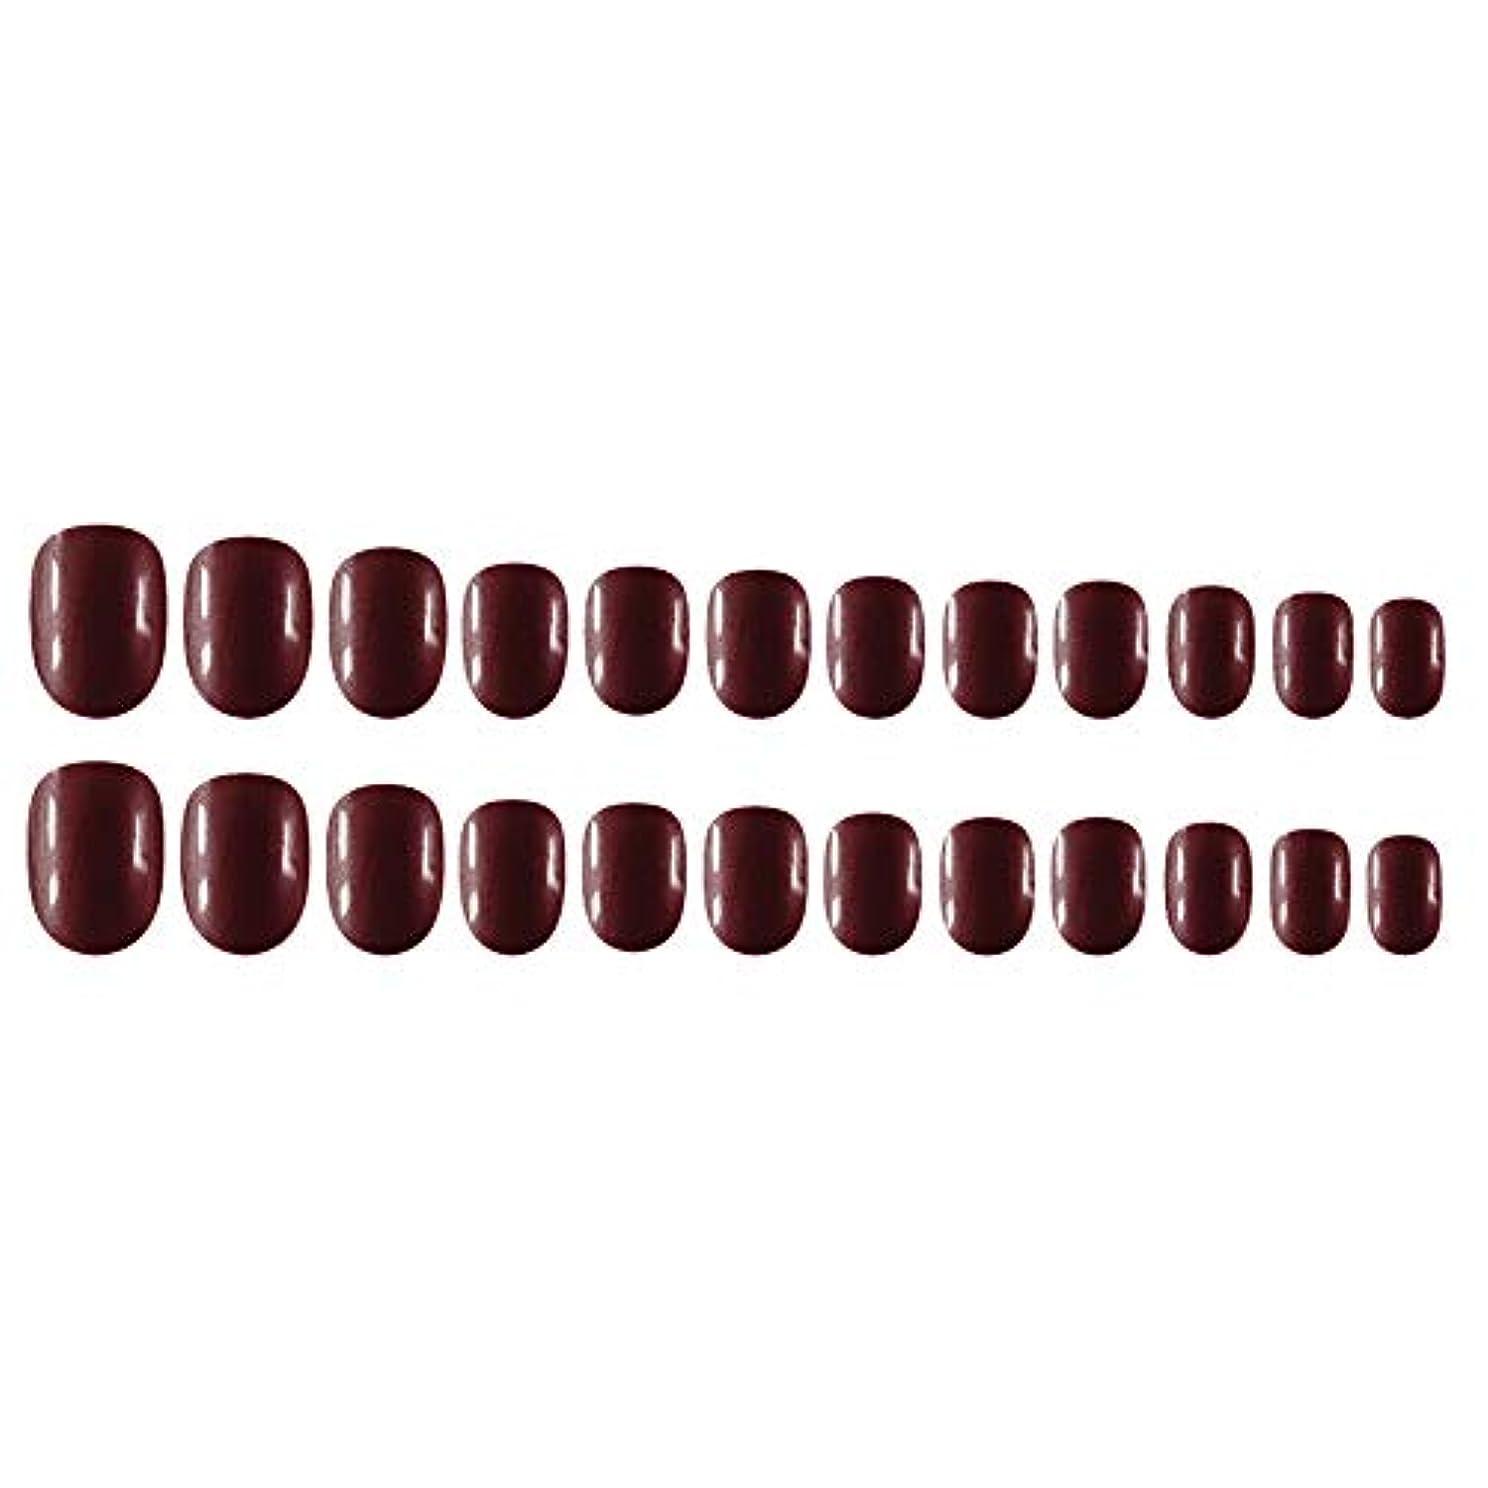 担保スコットランド人群衆Decdeal Decdeal ネイルチップ 24ピース 12異なるサイズ diy サロン ネイルアートツール 偽